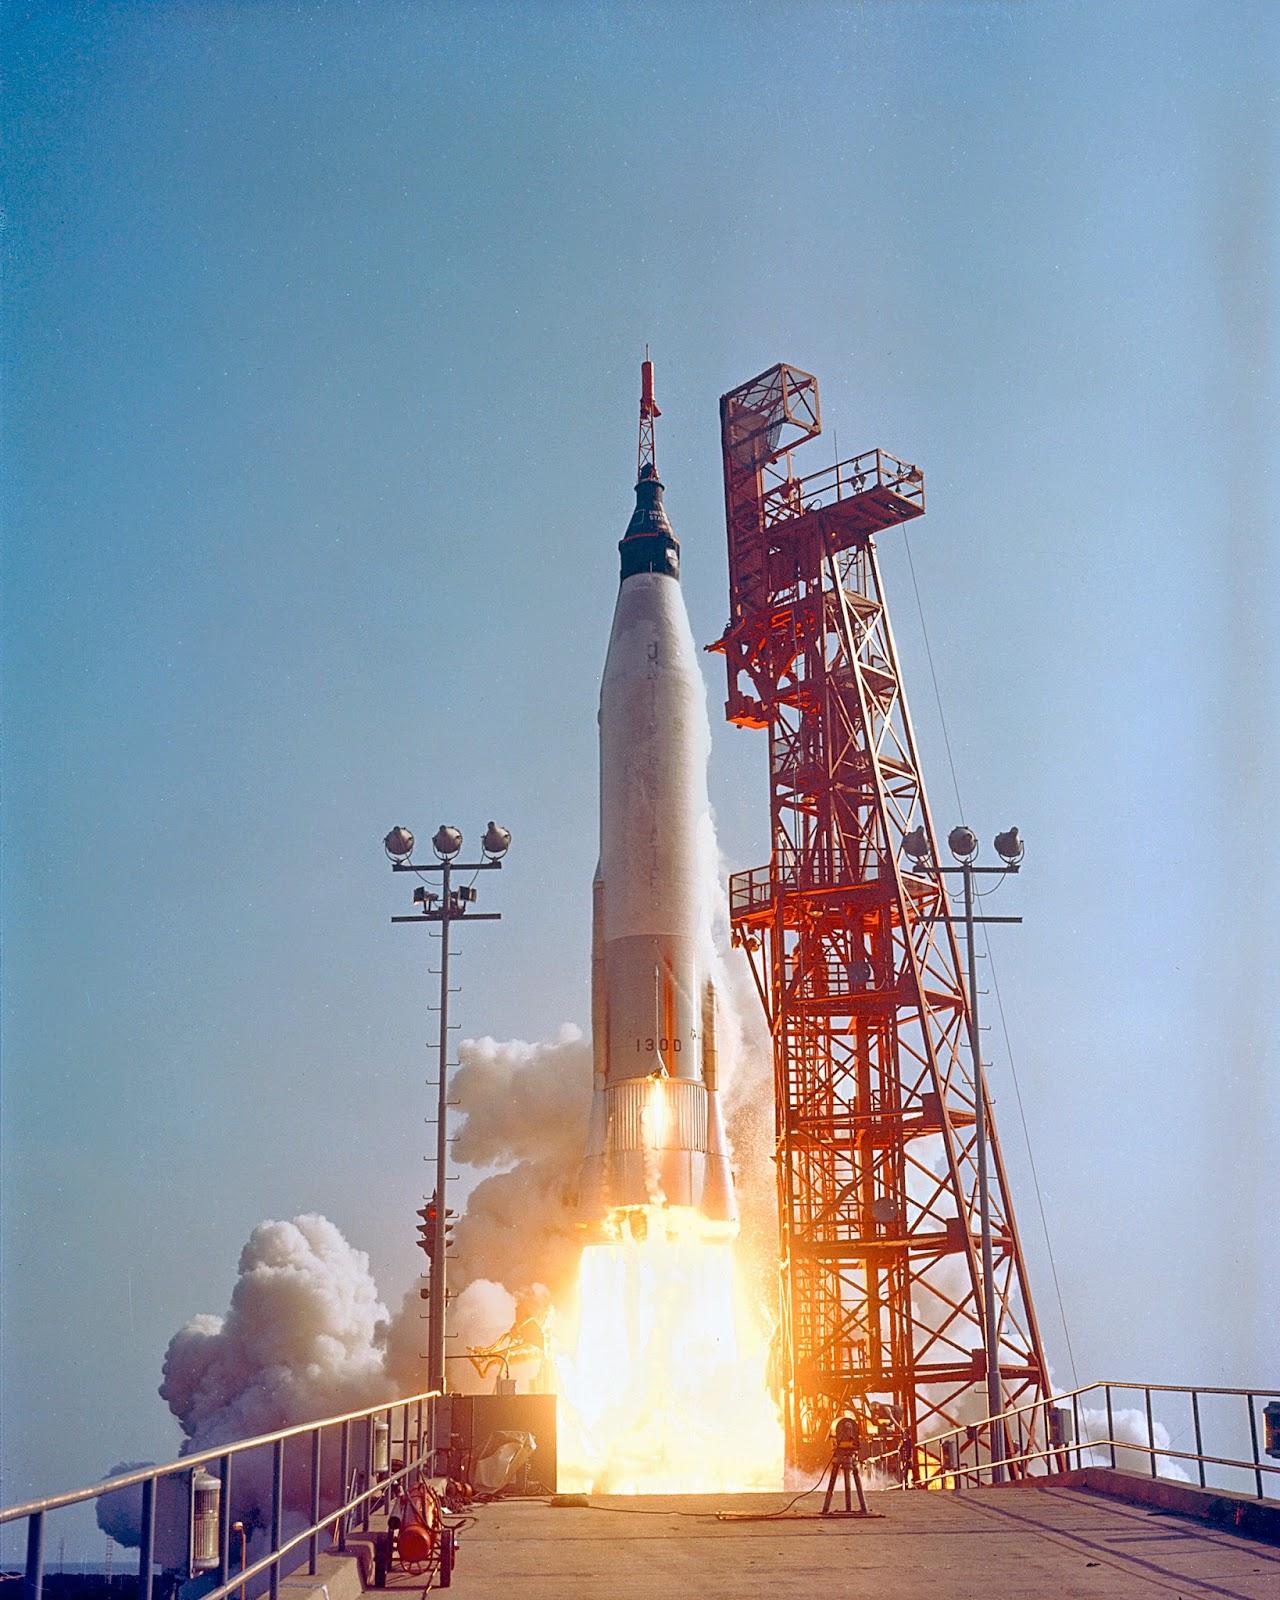 Lanzamiento del cohete Atlas 130-D de la misión Mercury 9